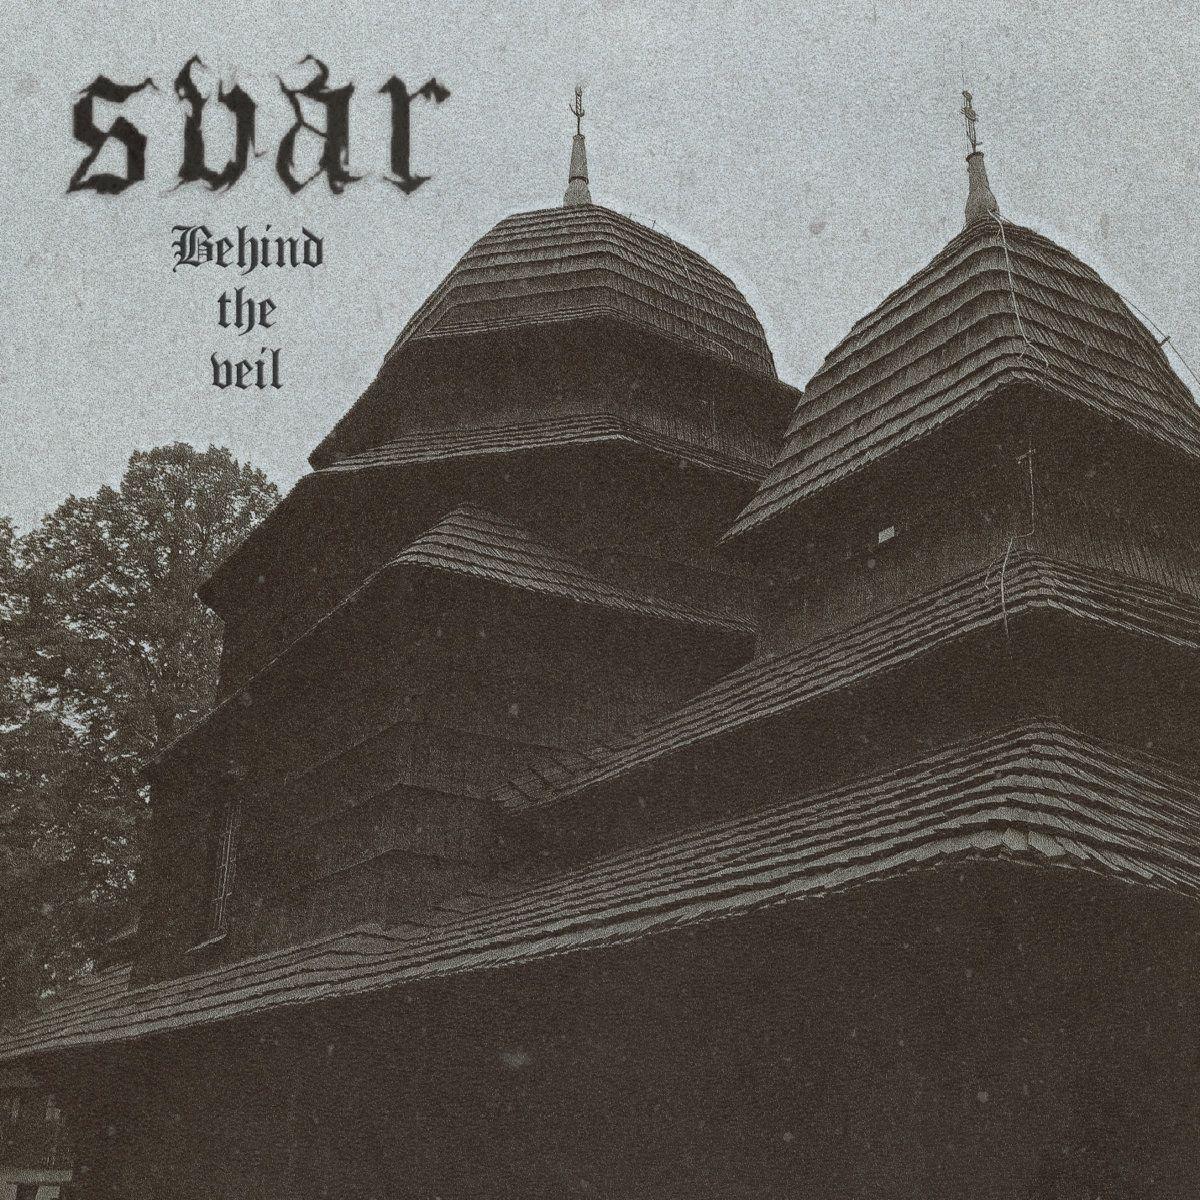 Svar - Behind the Veil